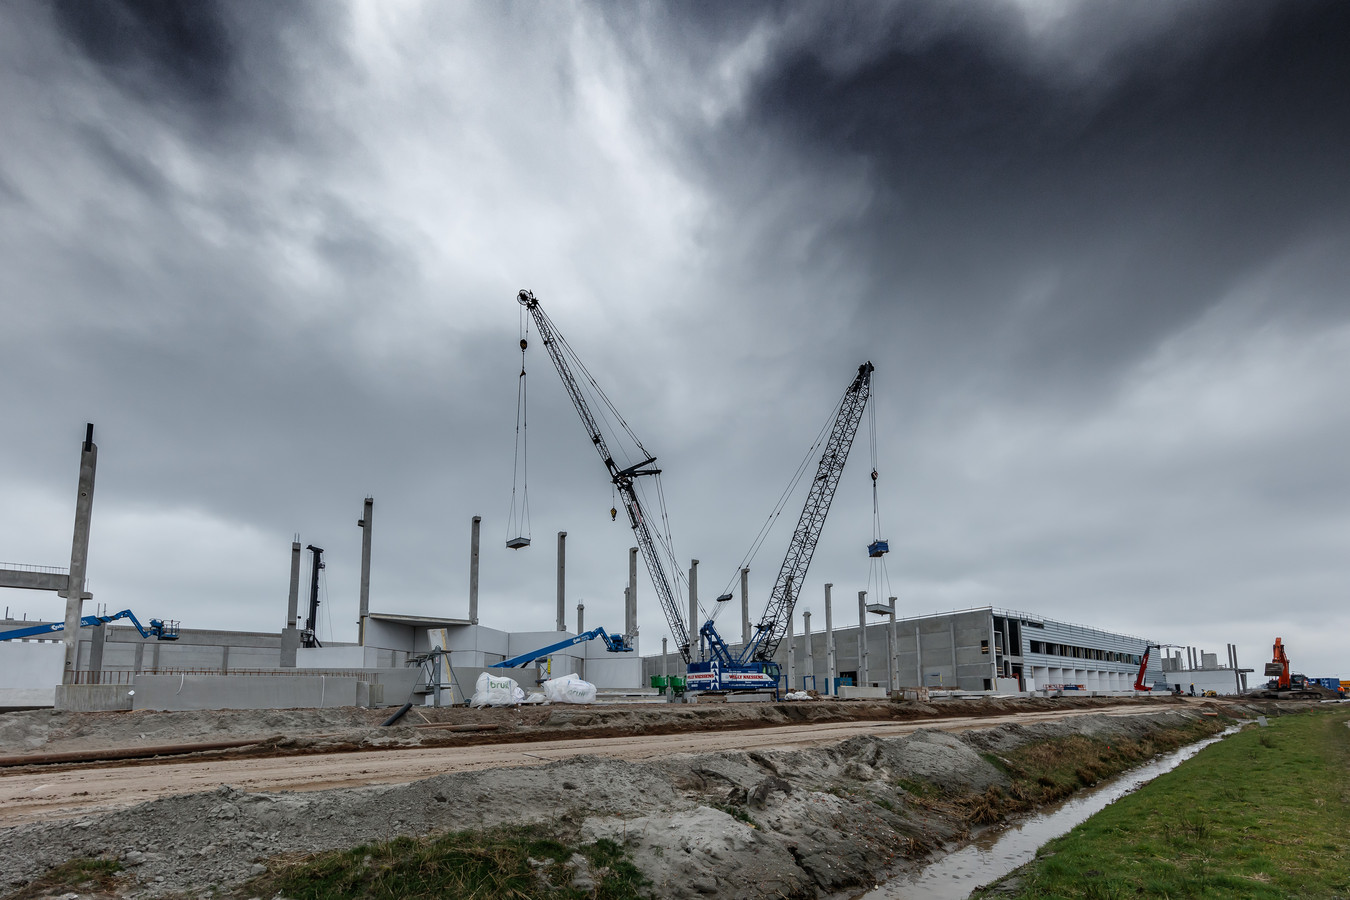 Heylen Groep bouwt aan logistieke campus in Roosendaal tegenover McDonalds. Foto: Marcel Otterspeer / Pix4Profs